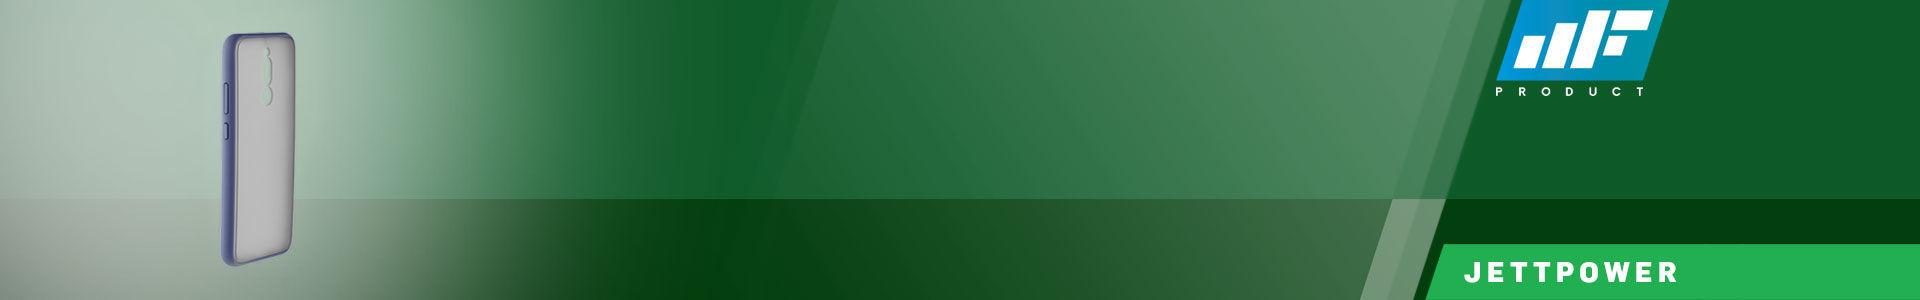 MF Product Jetpower 0347 Telefon Kılıfı Xiaomi Redmi 8 Uyumlu Koyu Mavi, hemen al, hemen gelsin!